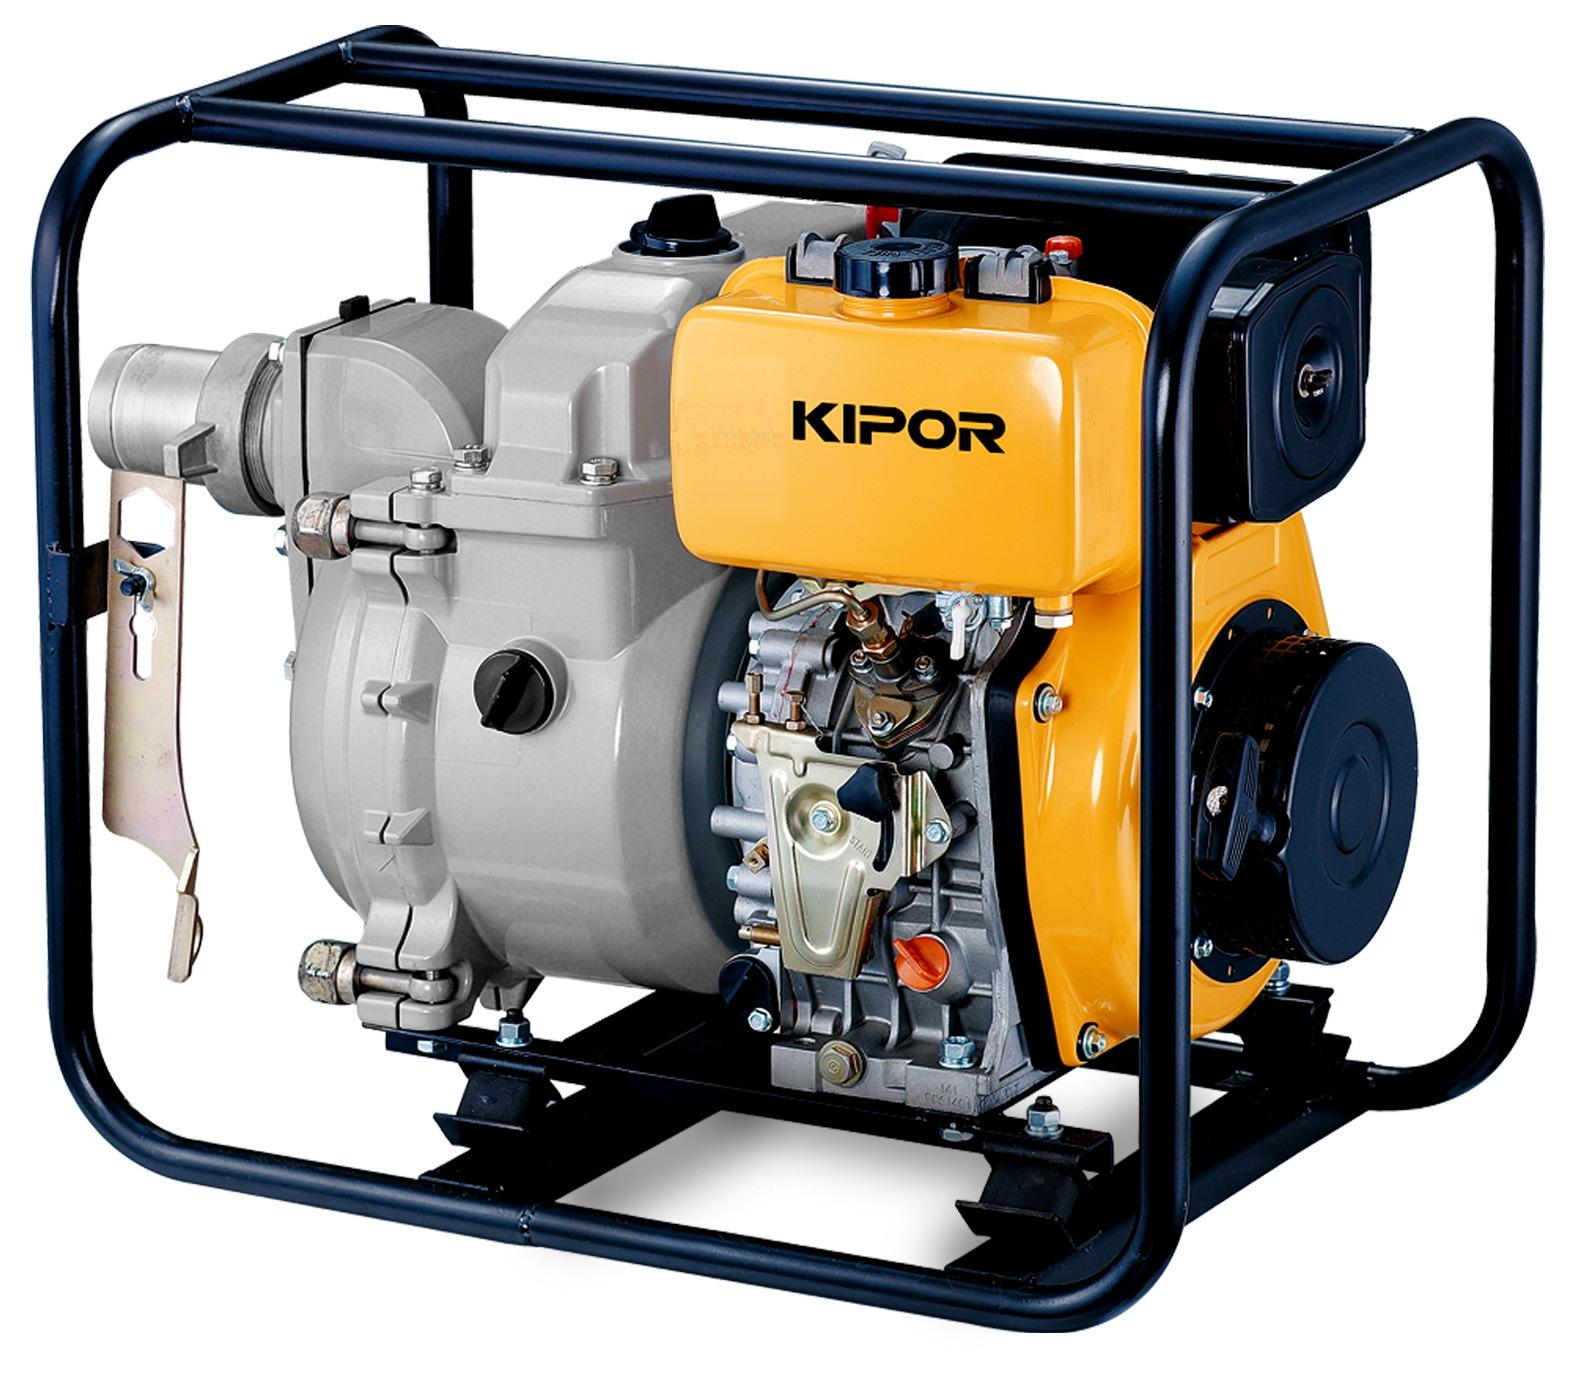 Kipor General Pump Kdp30t